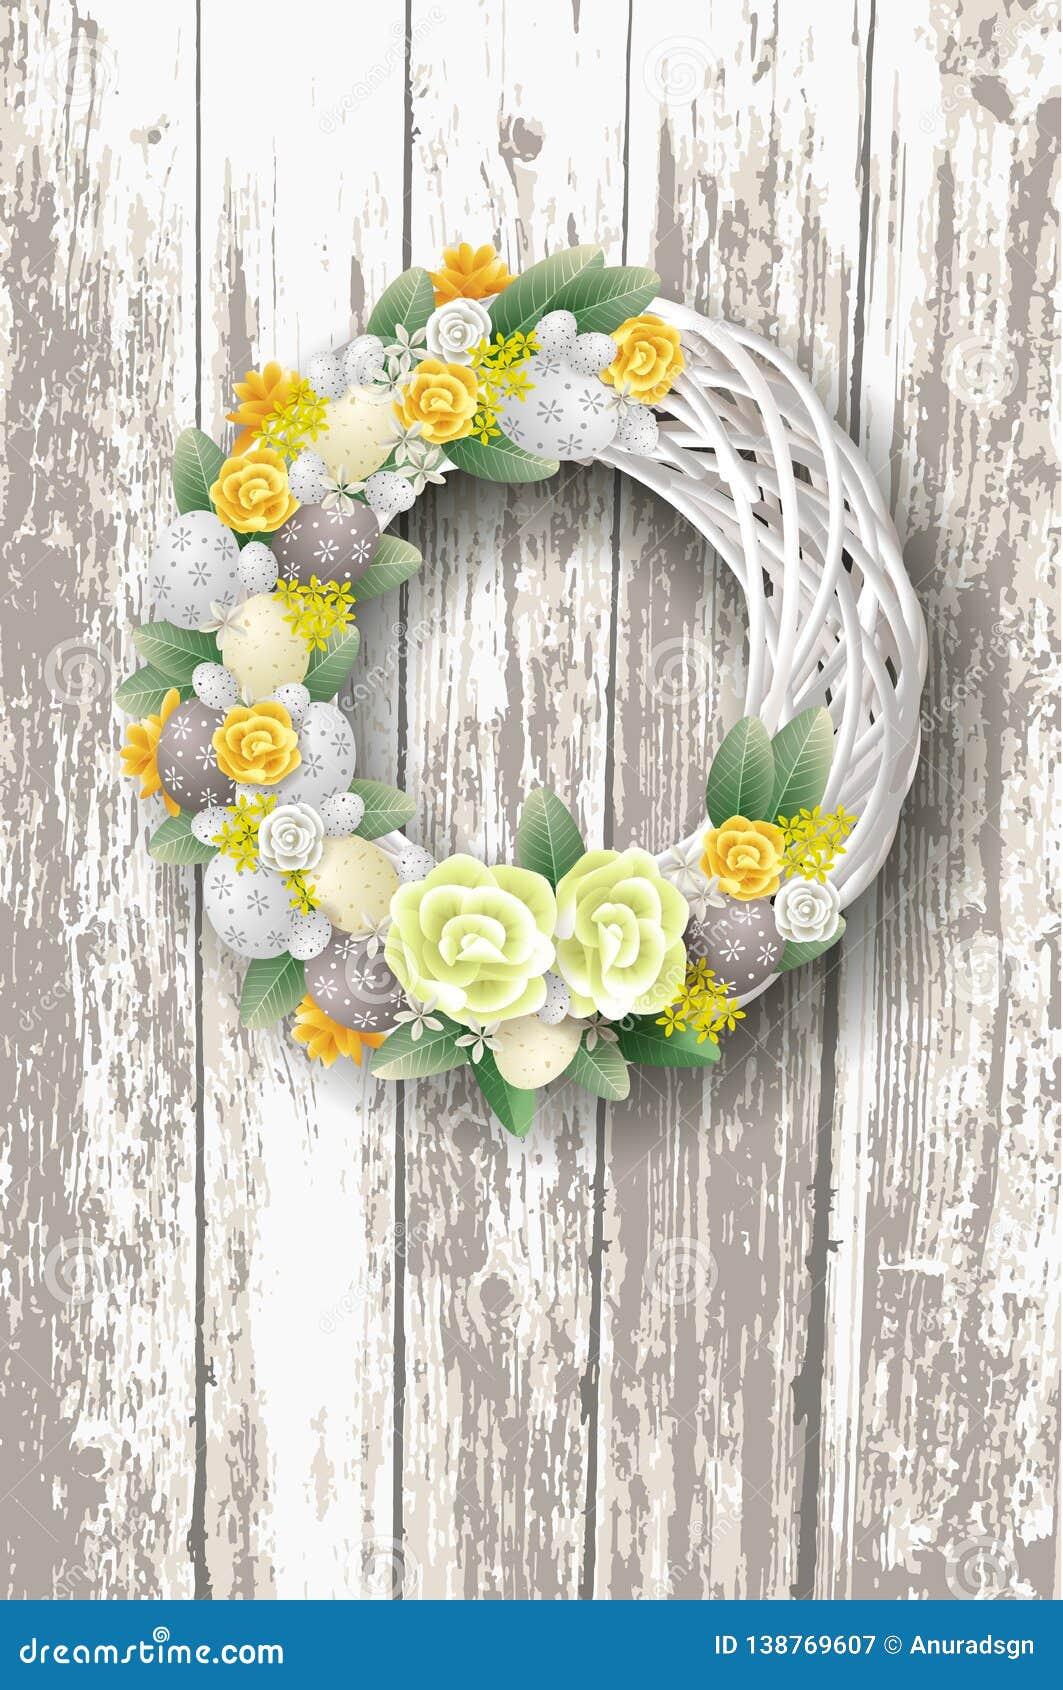 Dekorujący elegancki Wielkanocny wianek z jajko liśćmi na nieociosanym drewnianym tle i kwiatami -